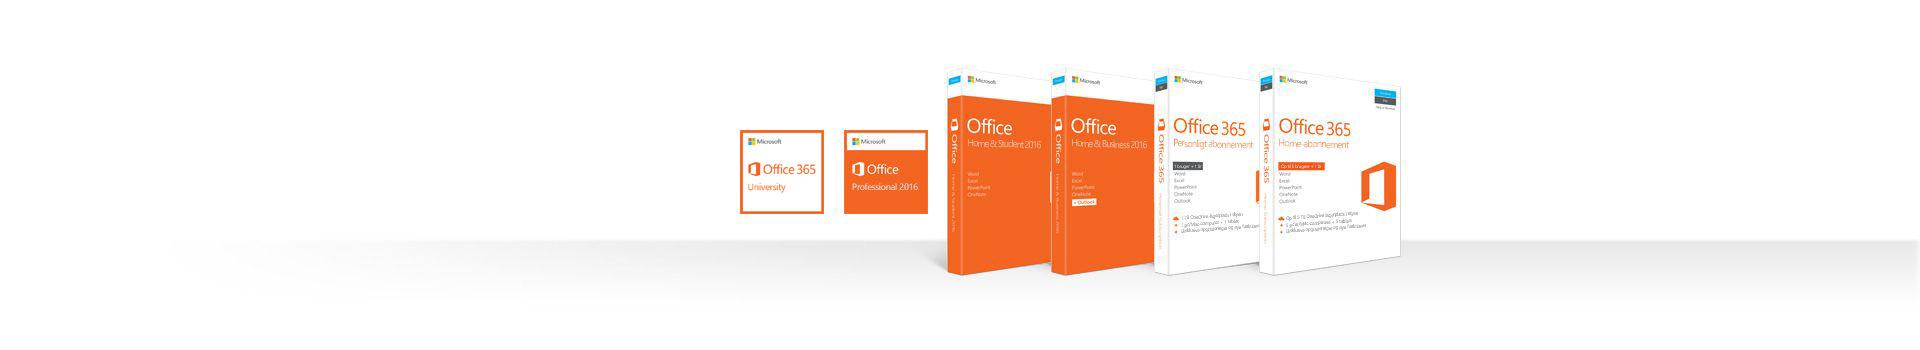 En række kasser med Office 2016- og Office 365-produkter til pc